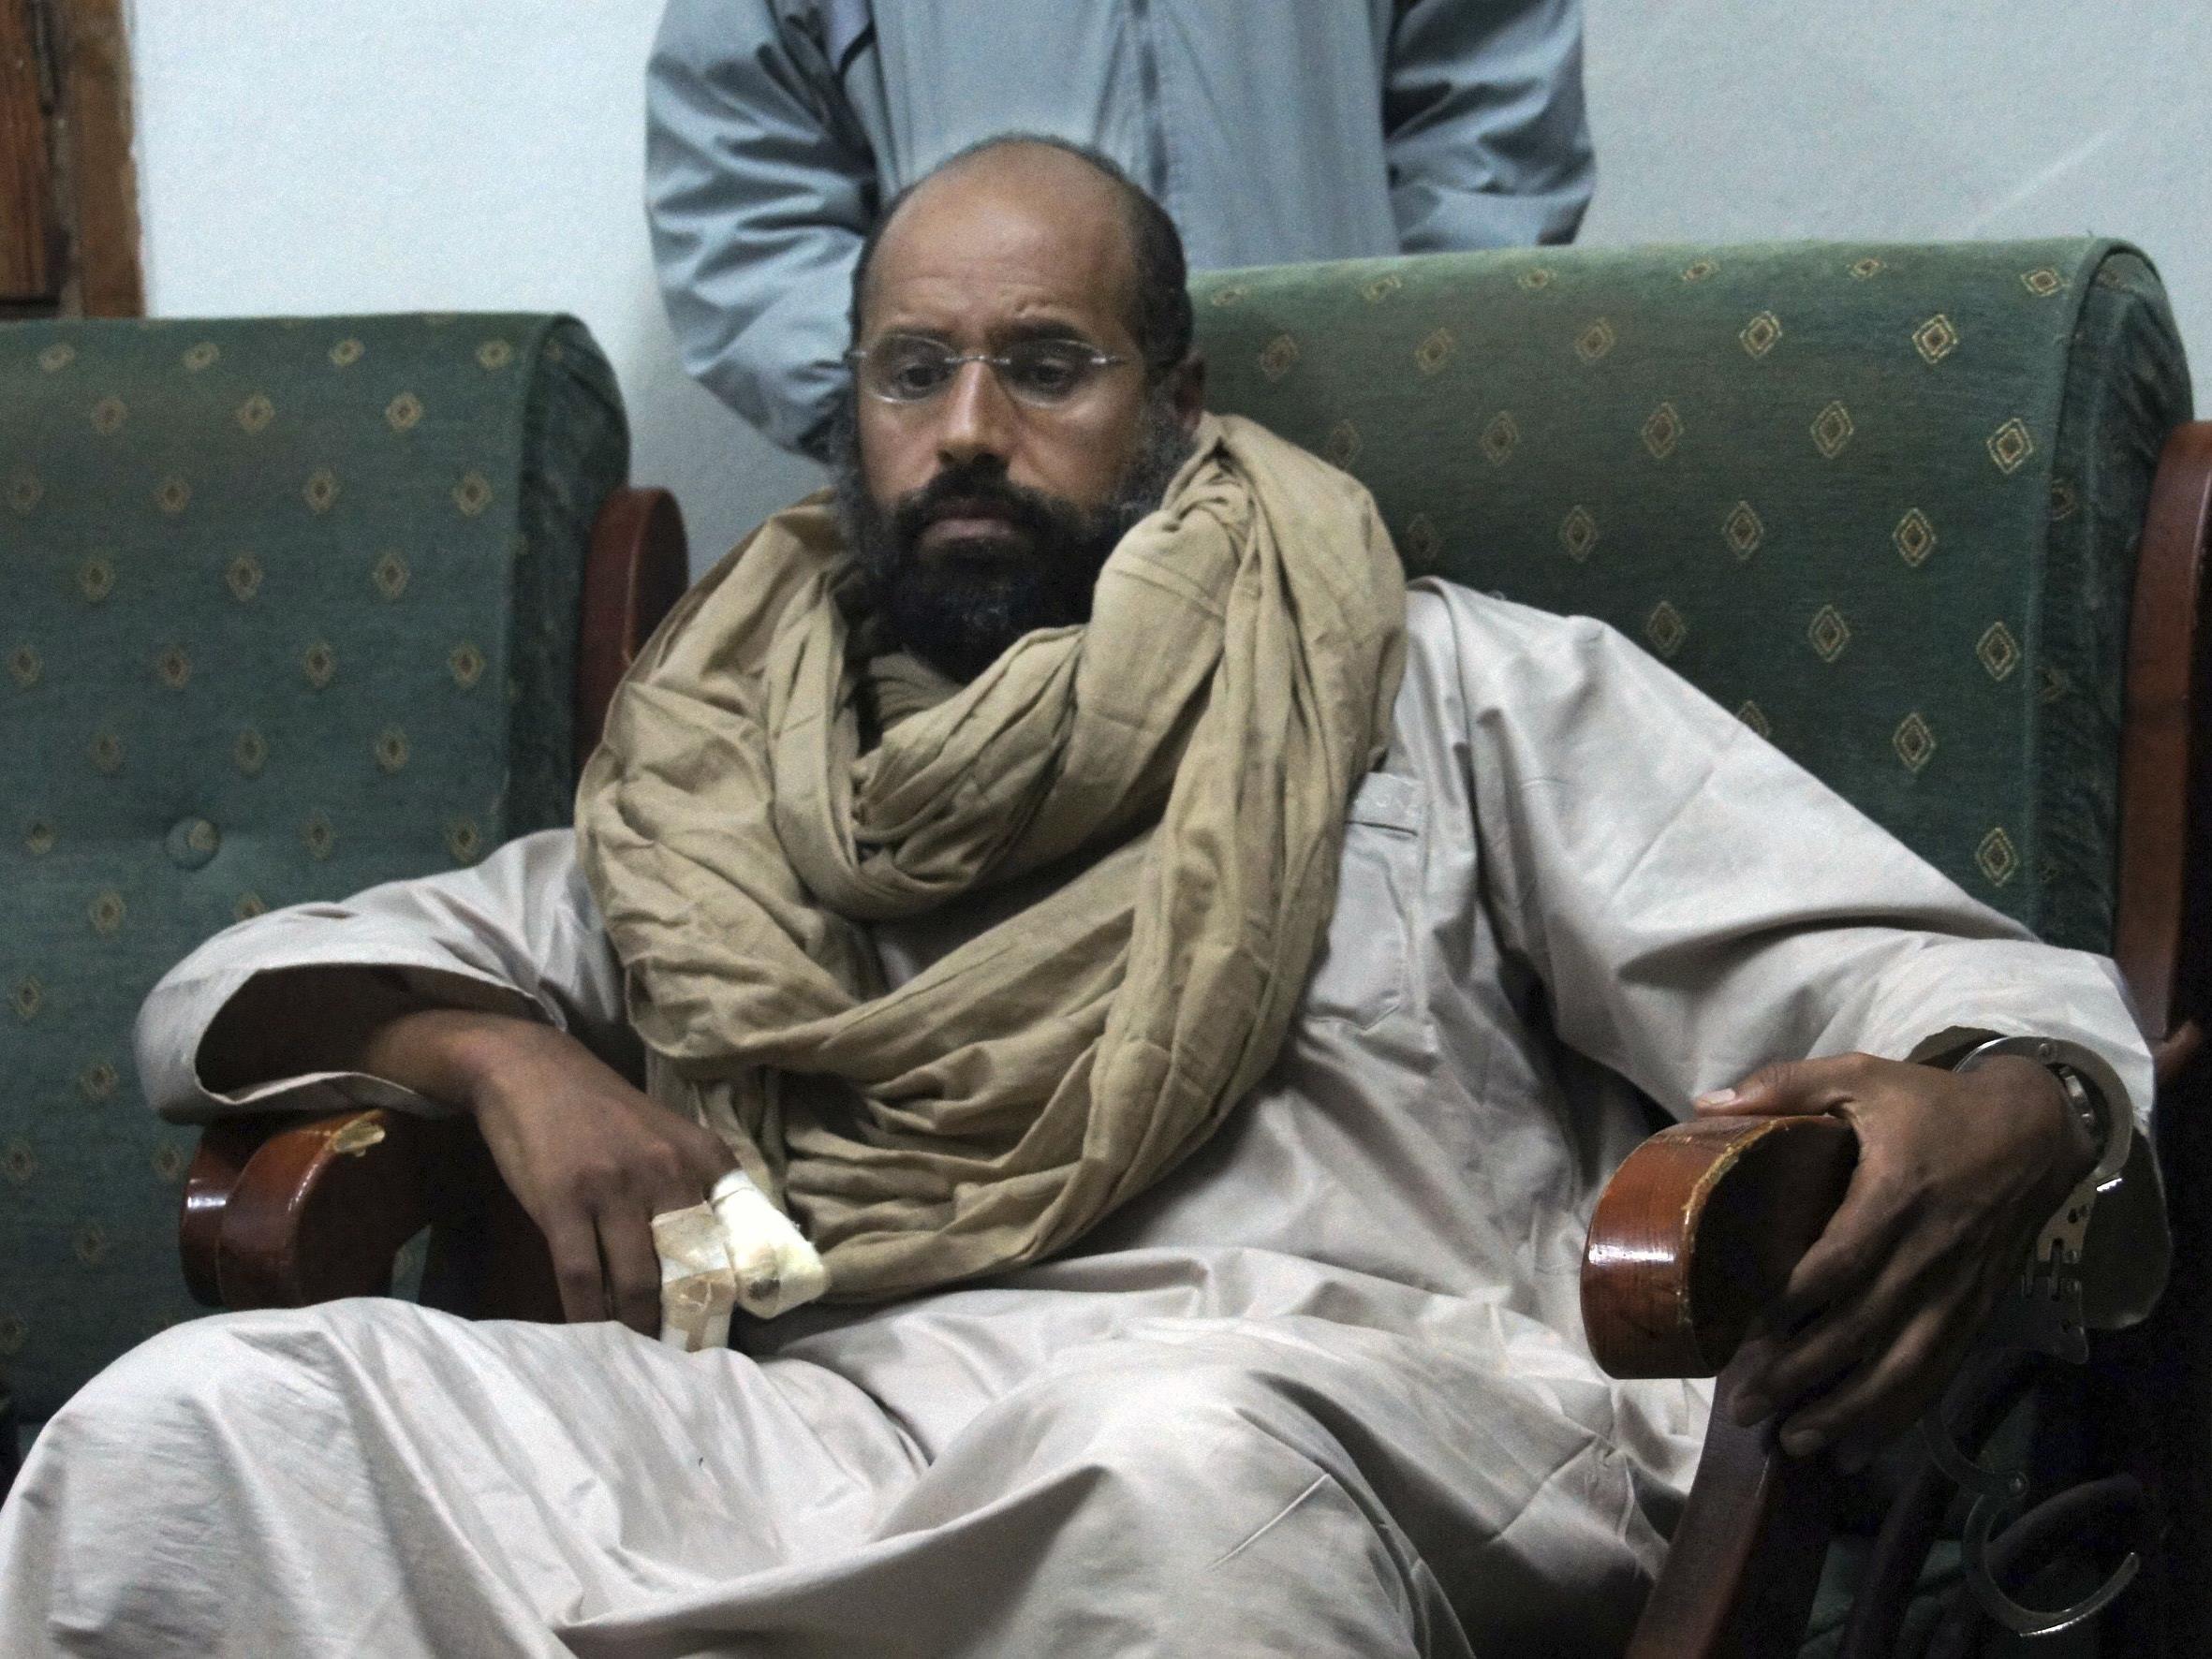 Saif al-Islam war vorgeworfen worden, im Rahmen der Aufstände gegen seinen Vater im Jahr 2011 zur Tötung friedlicher Demonstranten aufgerufen zu haben.